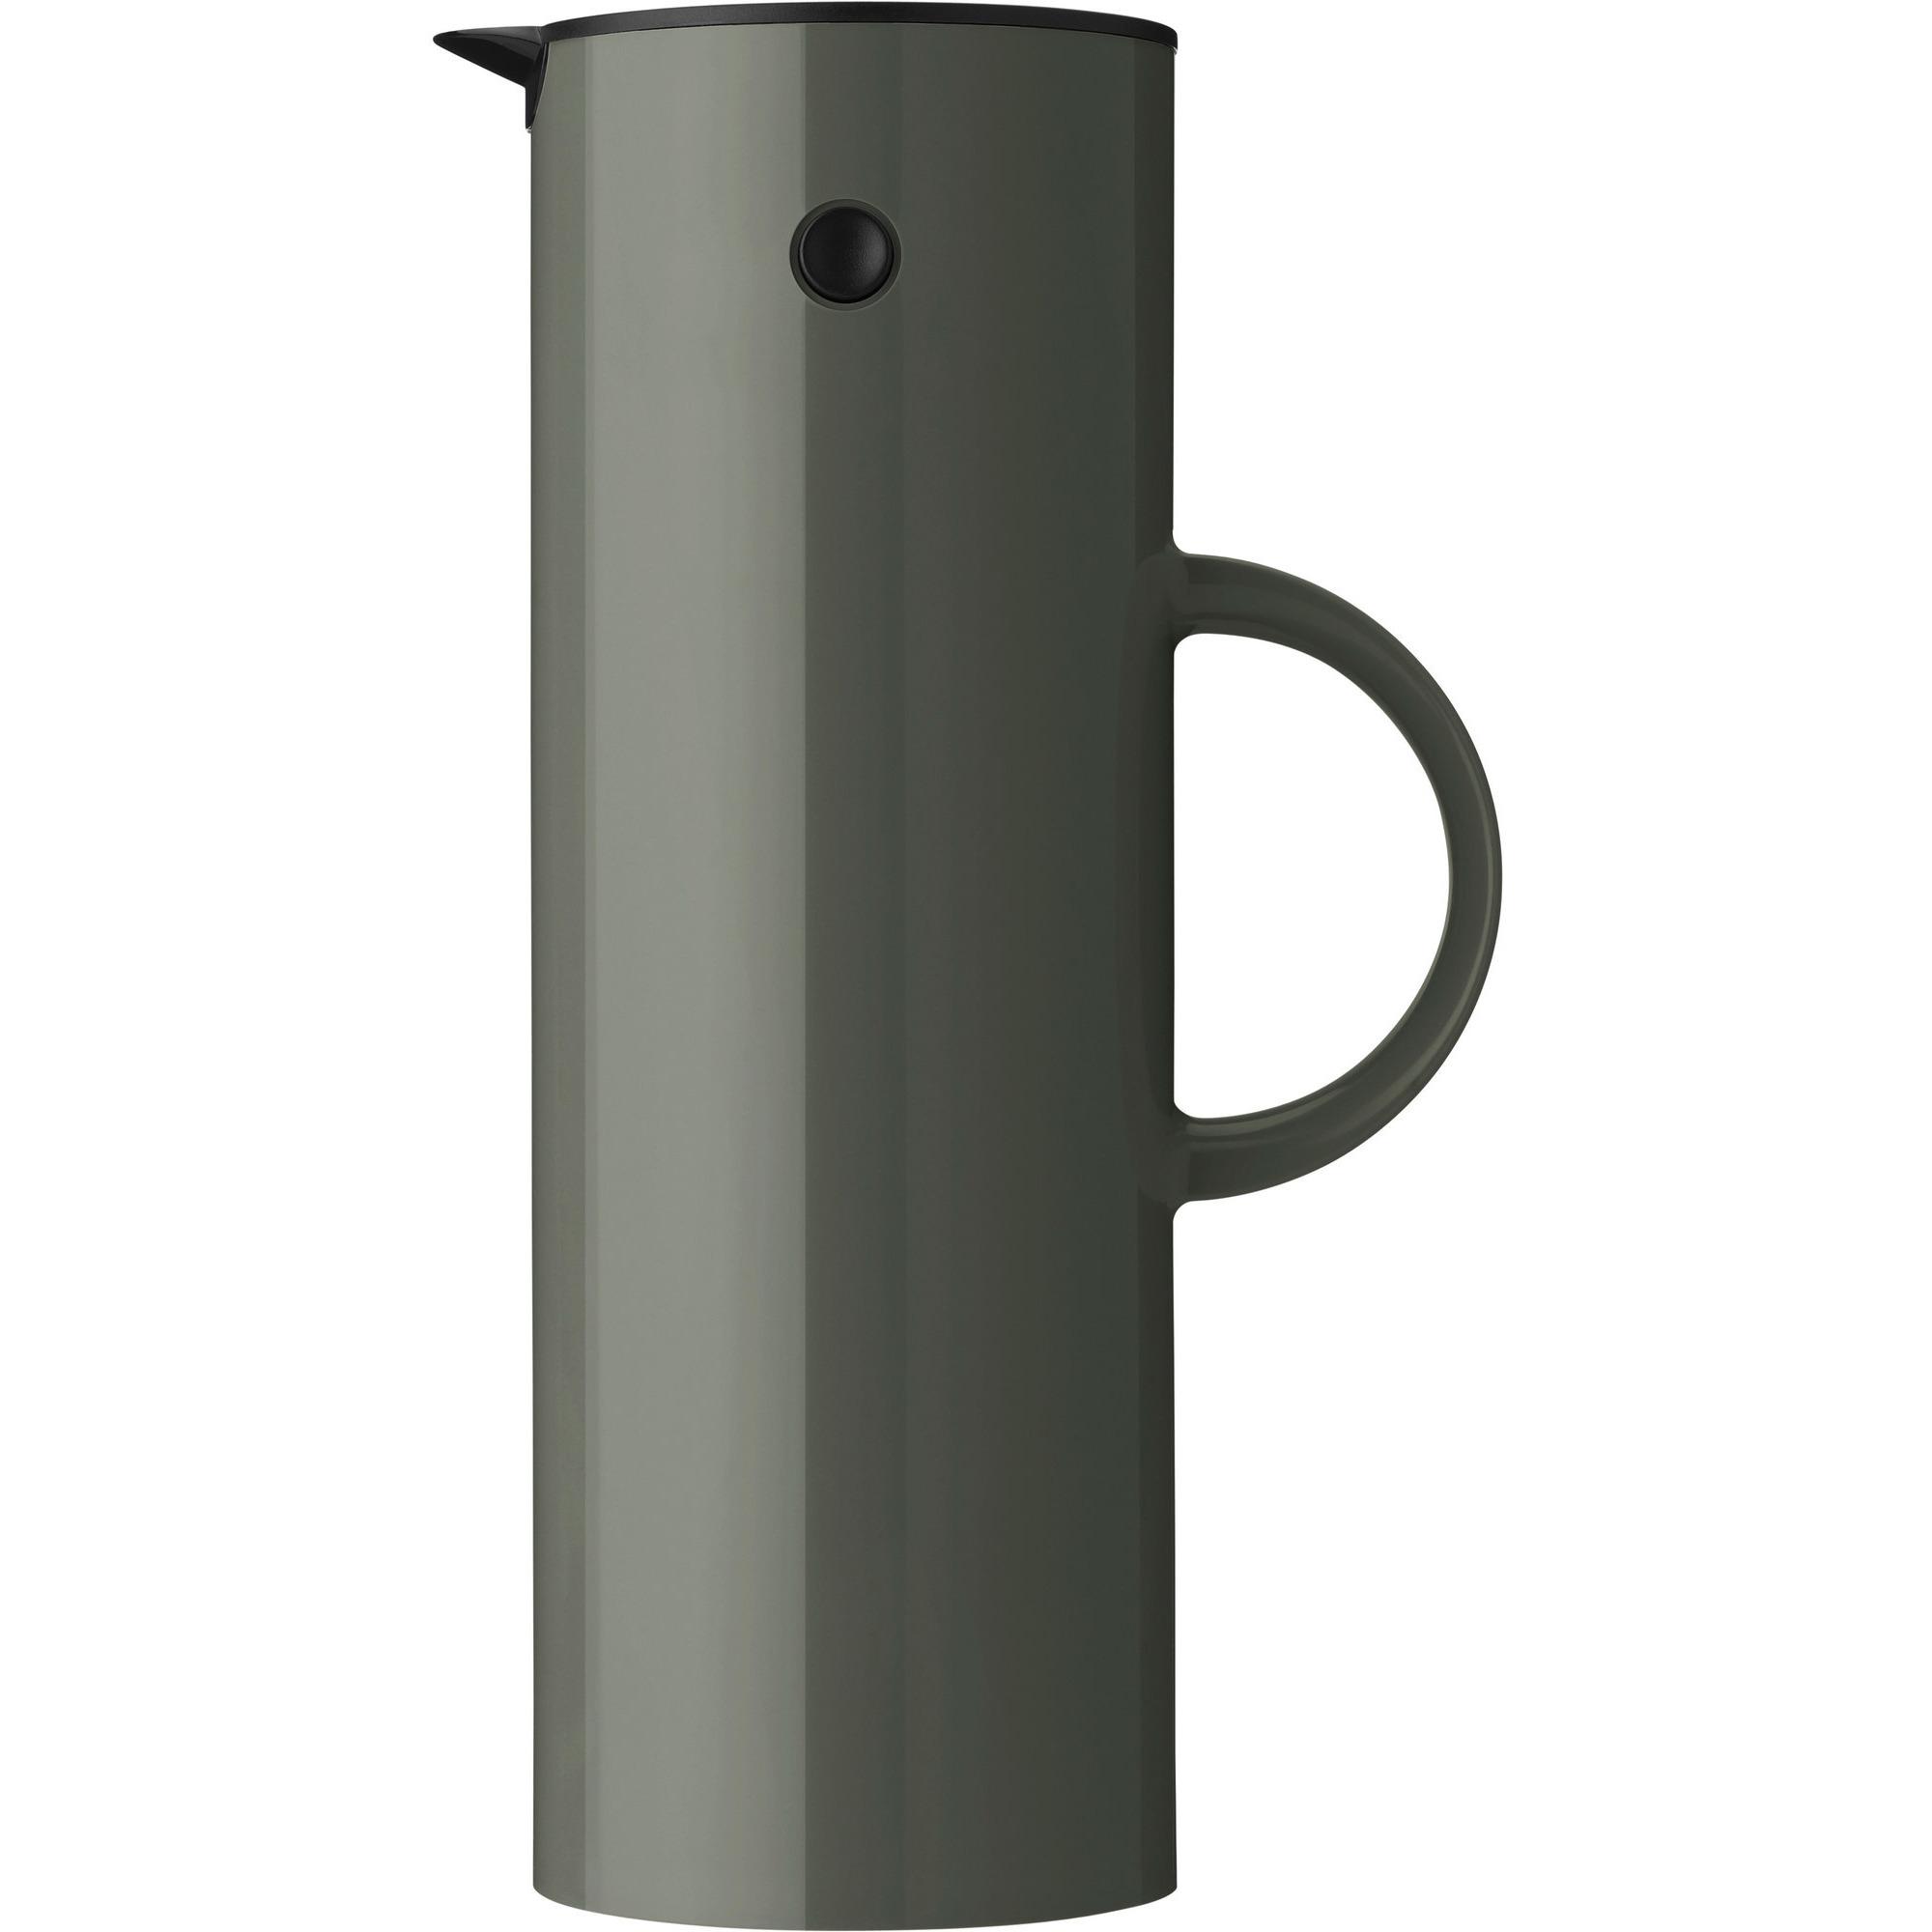 Stelton EM77 termoskanna 1 liter – dark forest